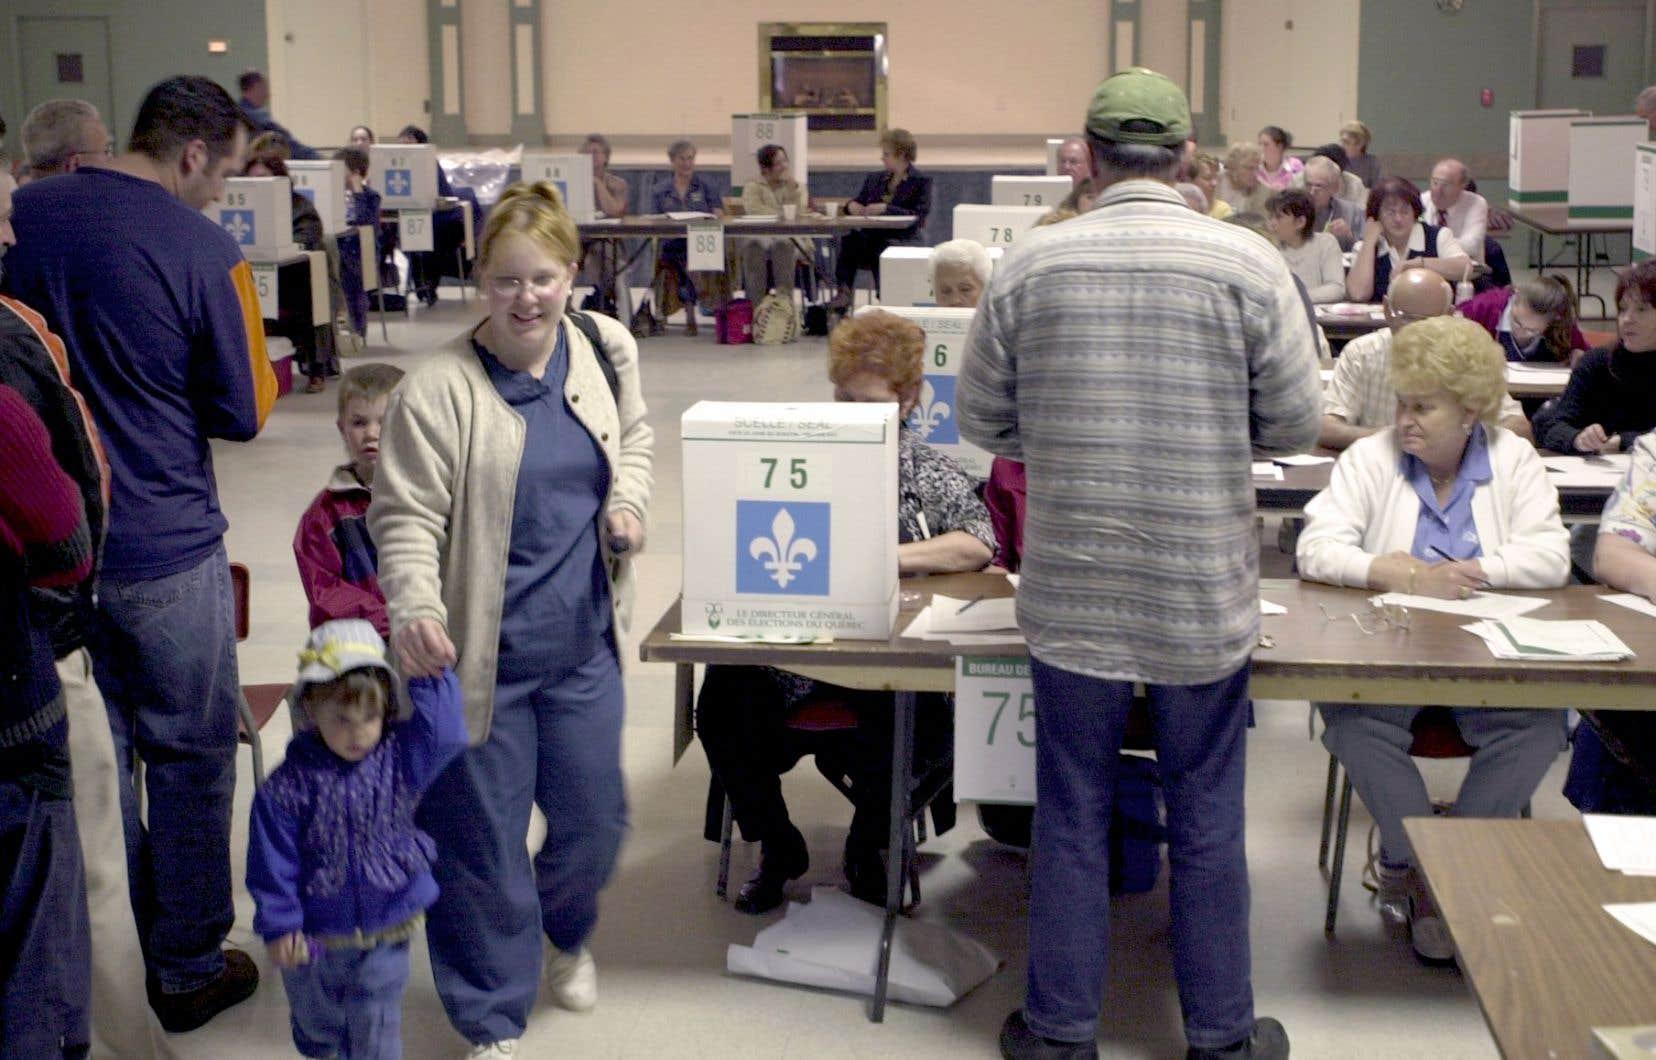 La réforme mise en avant est un scrutin proportionnel mixte avec listes régionales.